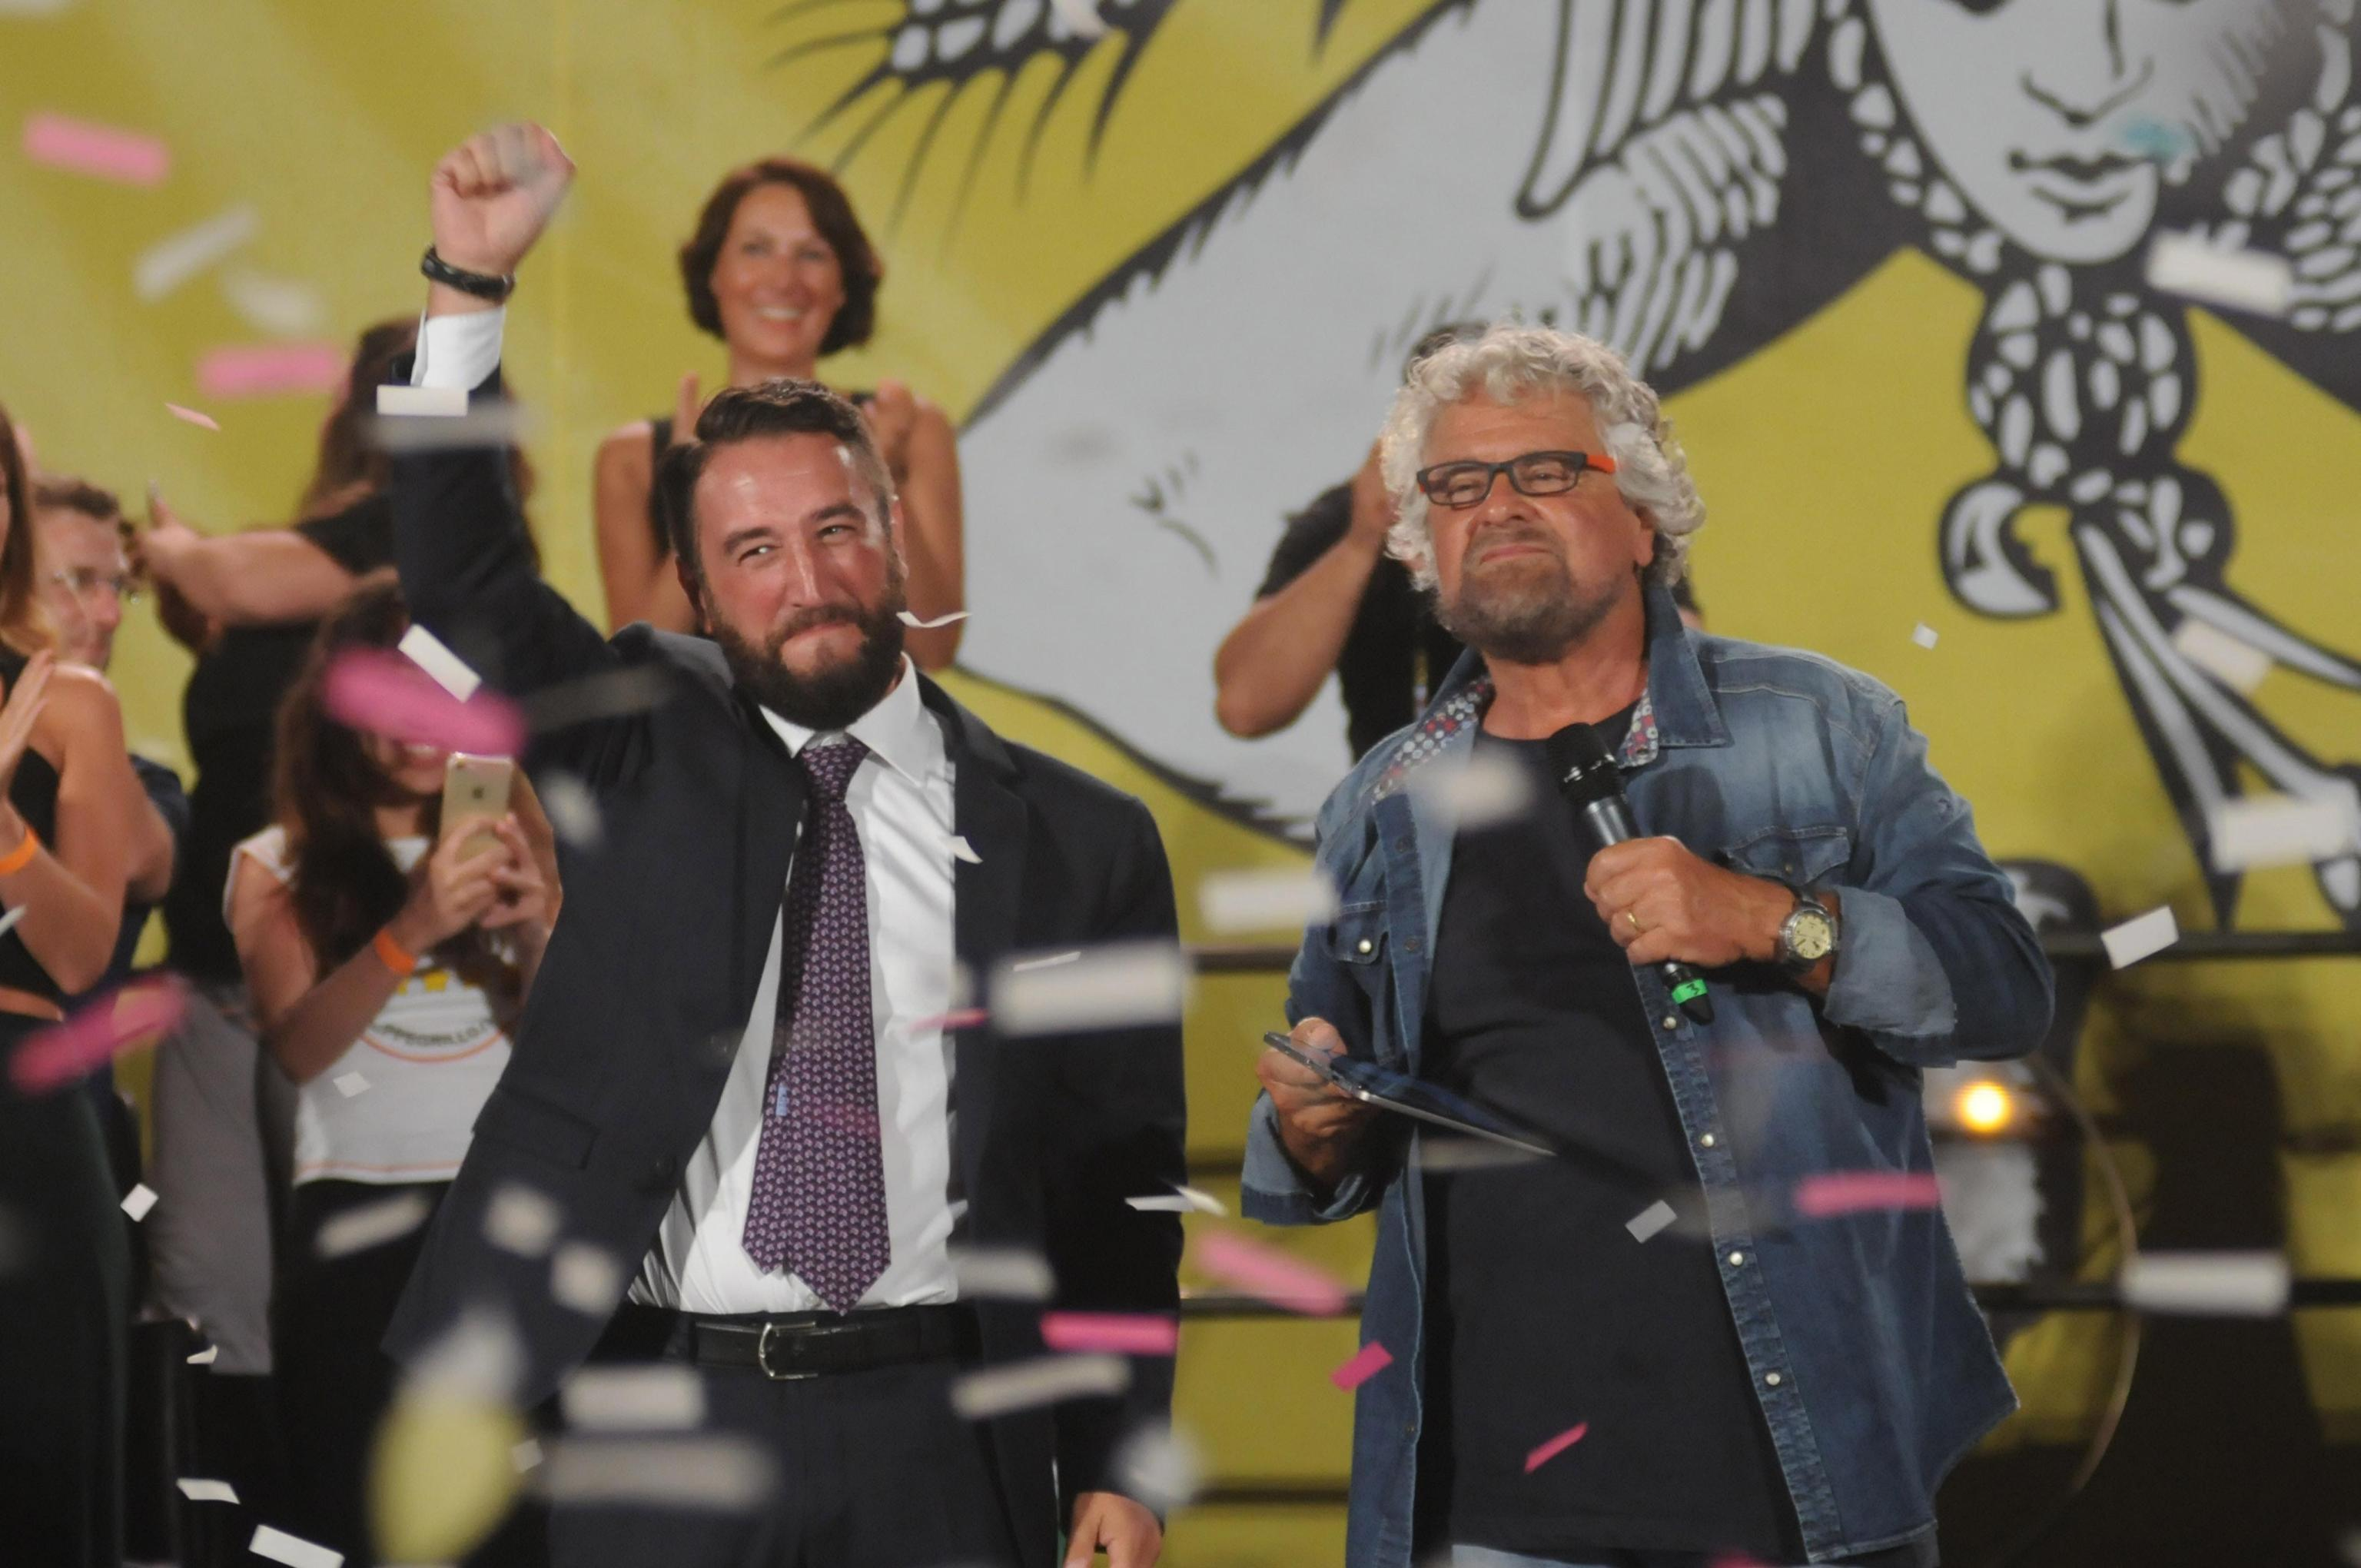 Elezioni regionali in Sicilia, annullata l'elezione di Cancelleri alle Regionarie M5S